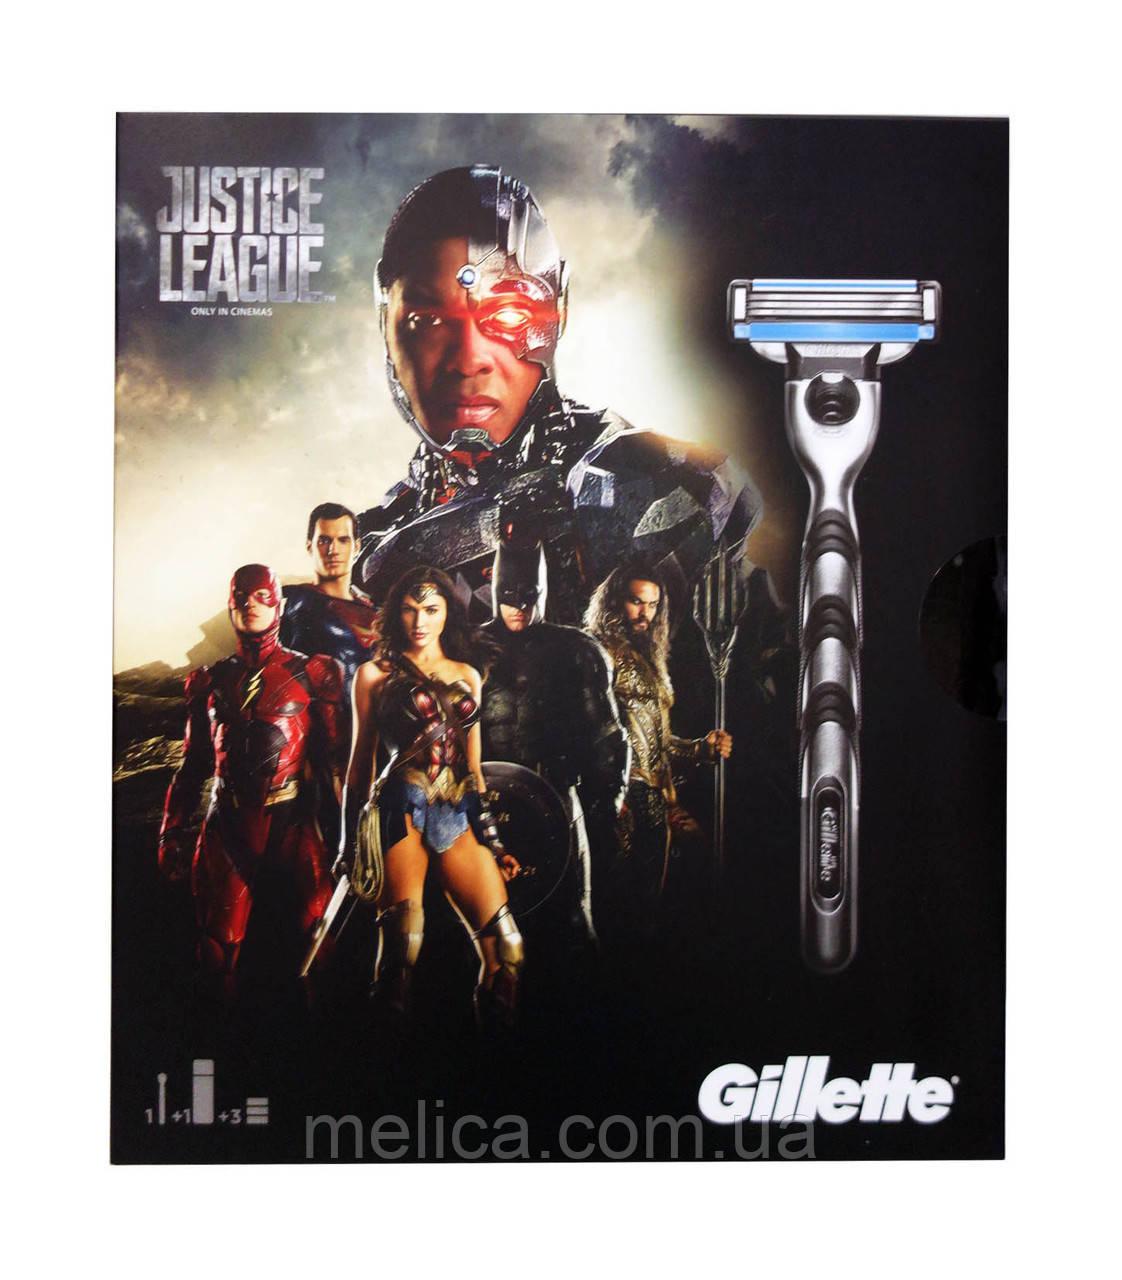 Набор Gillette Mach3 Justice League (станок+сменные кассеты 3 шт.+гель для бритья)